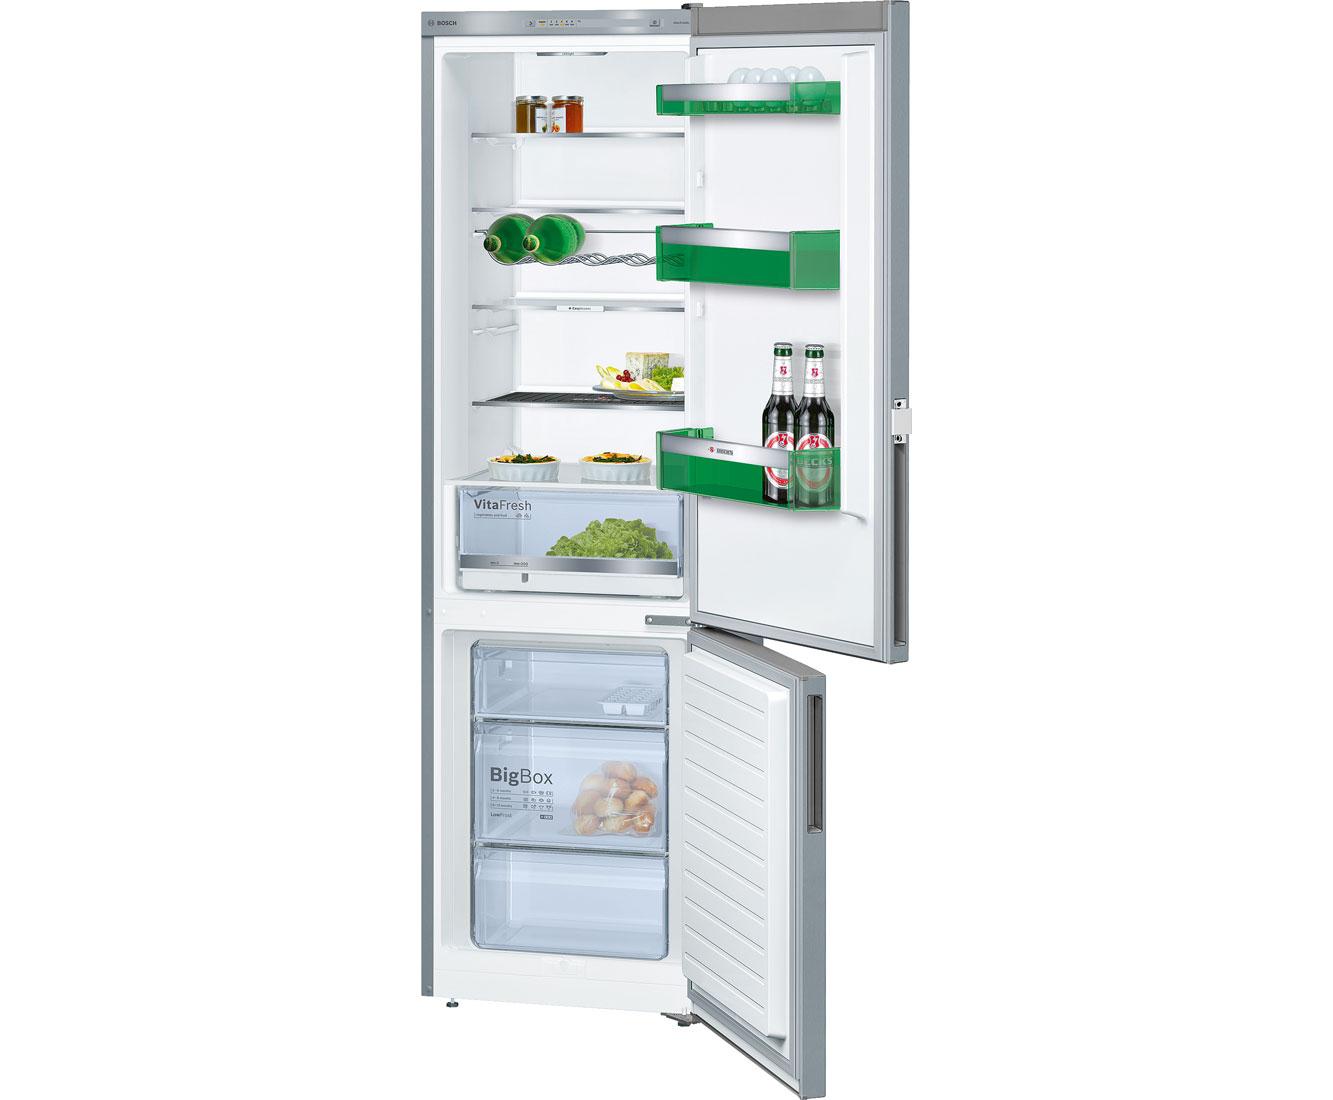 Bosch KGV39VL44 Kühl-Gefrierkombinationen - Edelstahl-Optik | Küche und Esszimmer > Küchenelektrogeräte > Kühl-Gefrierkombis | Edelstahl | Bosch